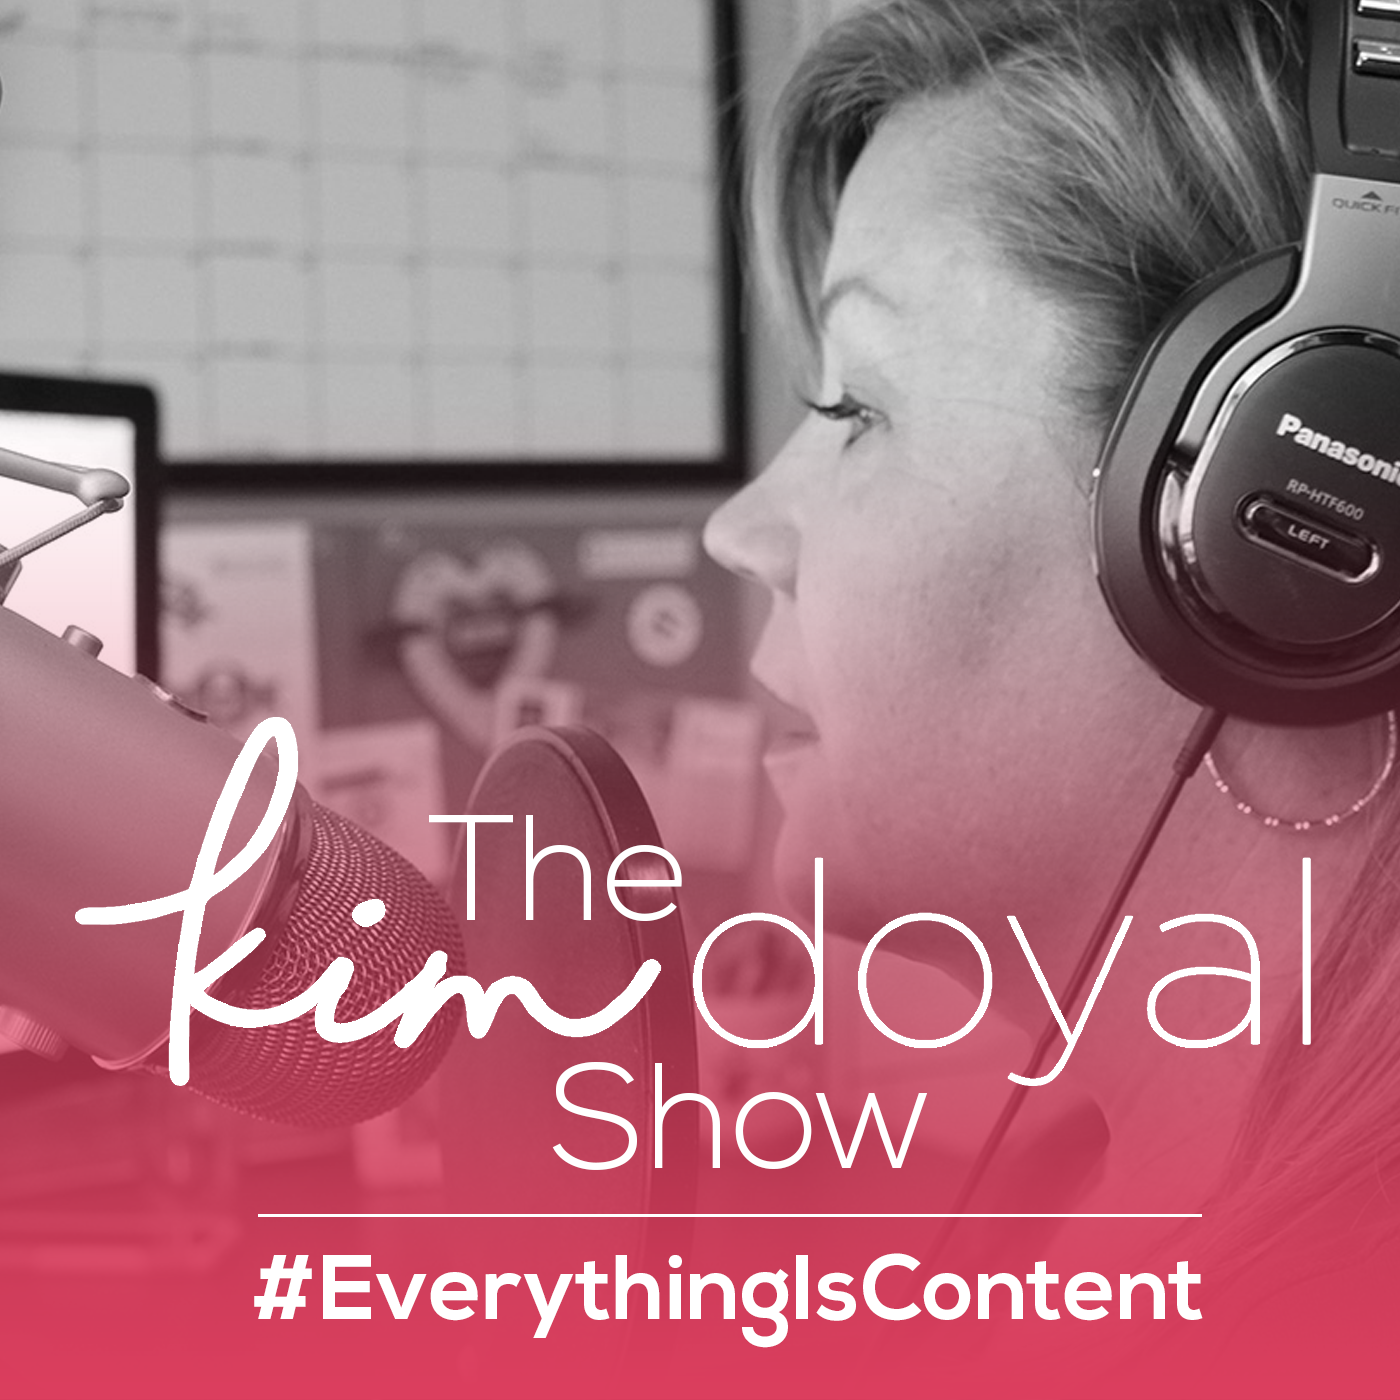 The Kim Doyal Show (pink) 1400x1400